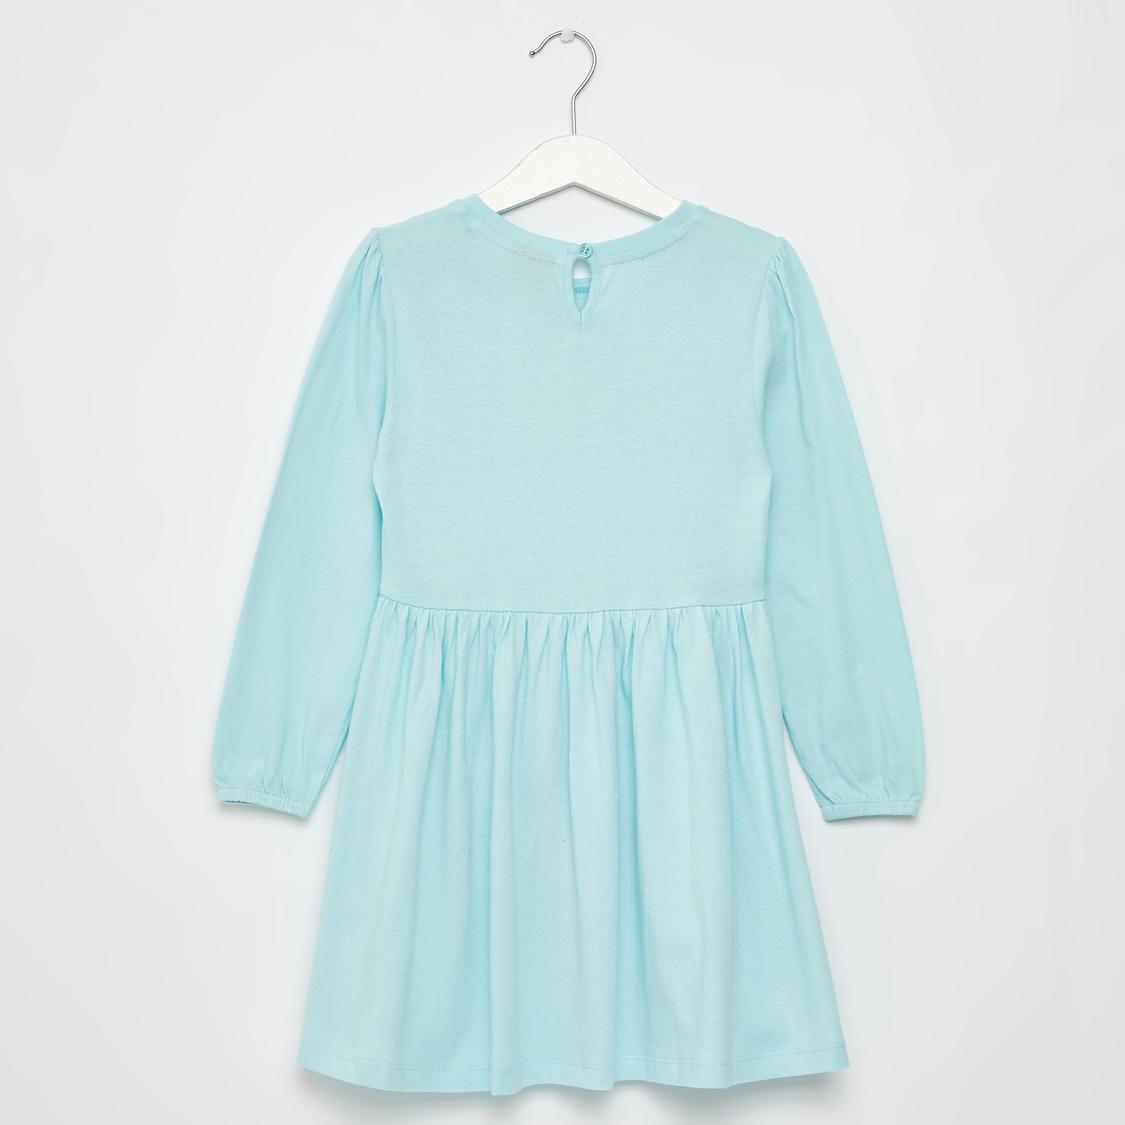 فستان قصير بأكمام طويلة مزين بفيونكة و طبعات إلسا جرافيك